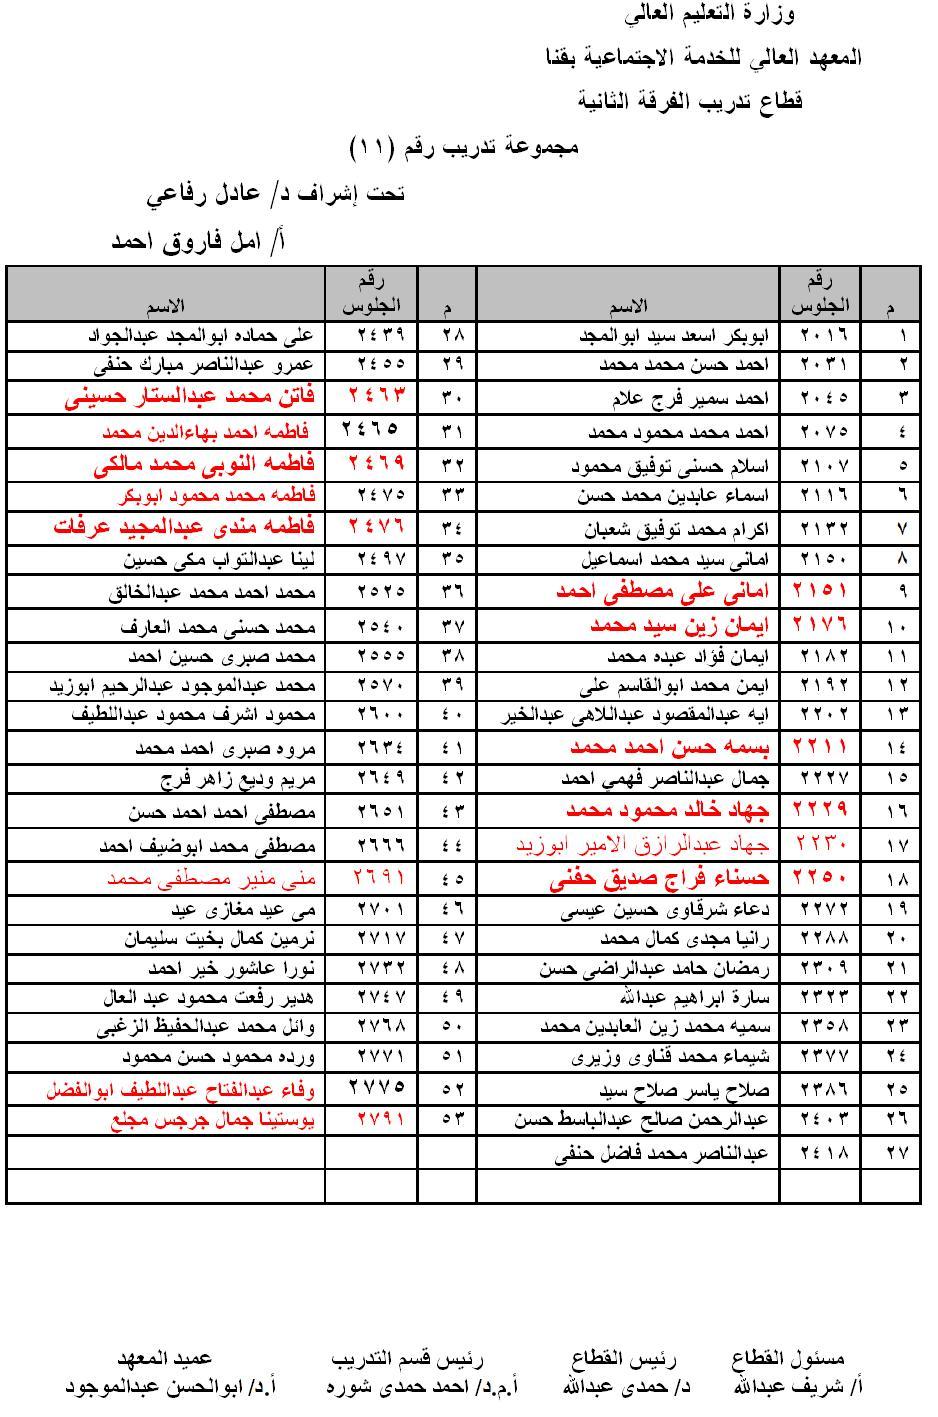 توزيع مجموعات تدريب الفرقة الثانية 2014 - 2015 1110